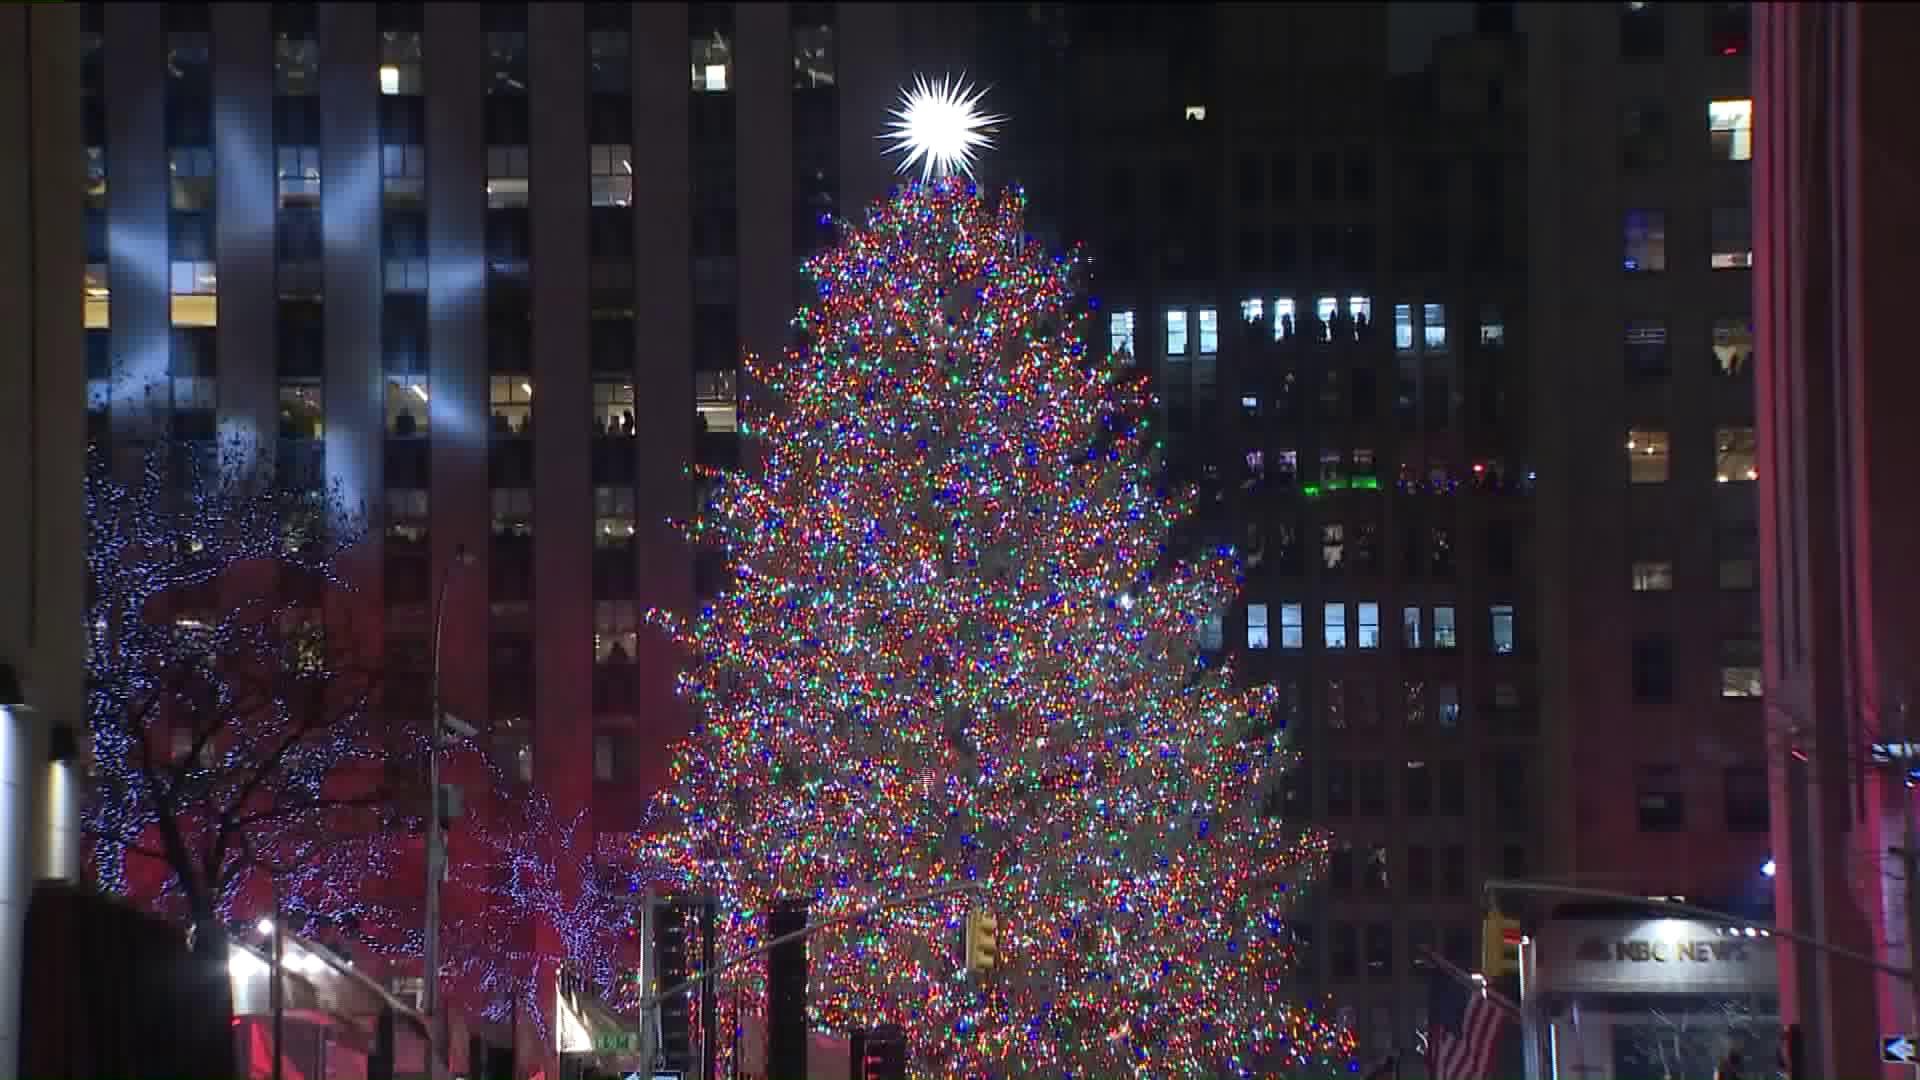 Tis The Season Rockefeller Center Christmas Tree Lights Up